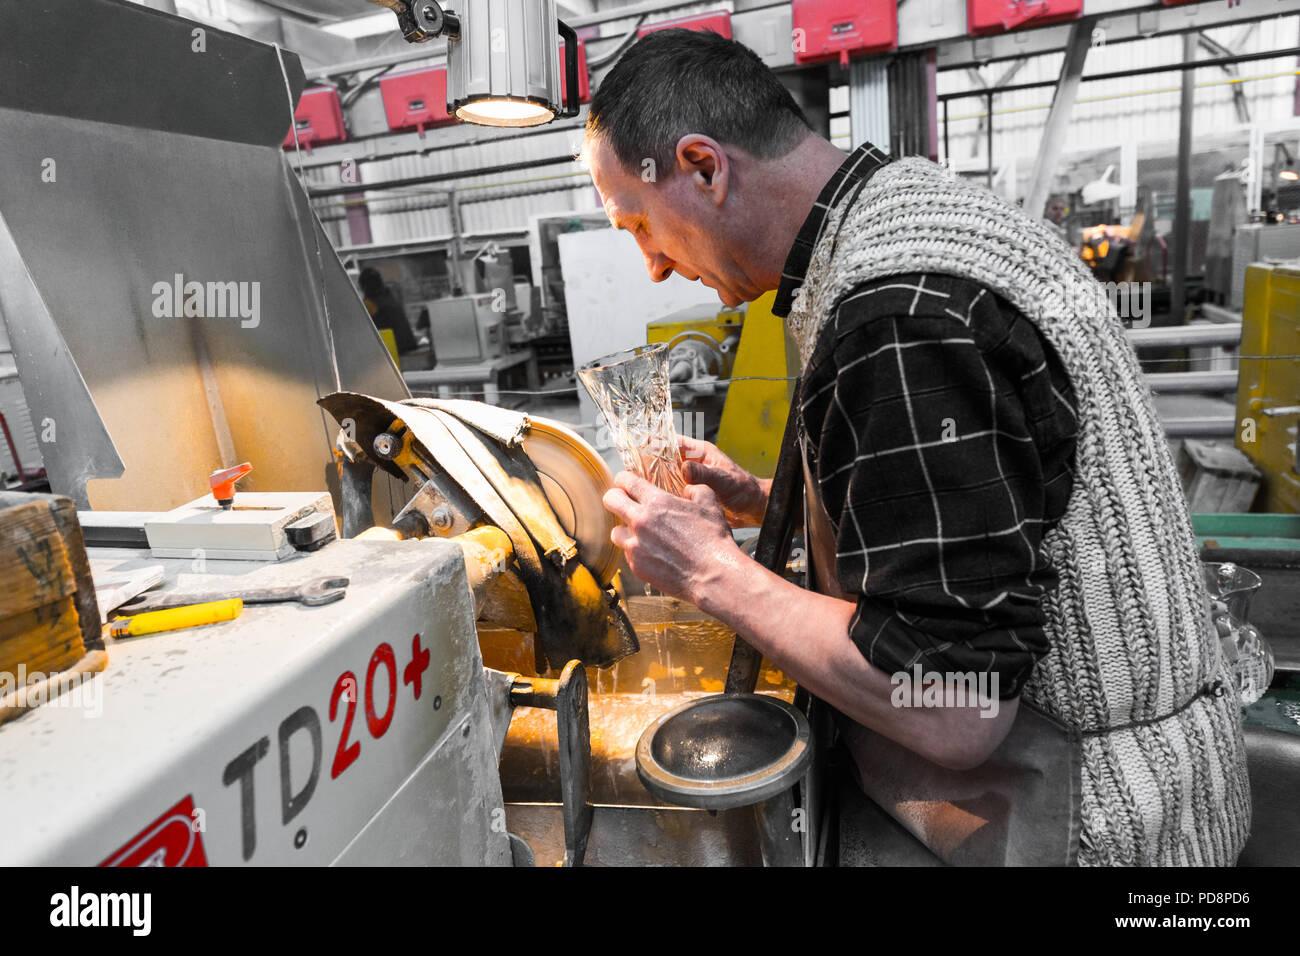 Minsk, Weißrussland - Februar 01, 2018: Glas Arbeiter arbeiten mit Anlagen auf dem Hintergrund der Glasproduktion Arbeiter arbeiten mit Anlagen auf dem Hintergrund Stockbild